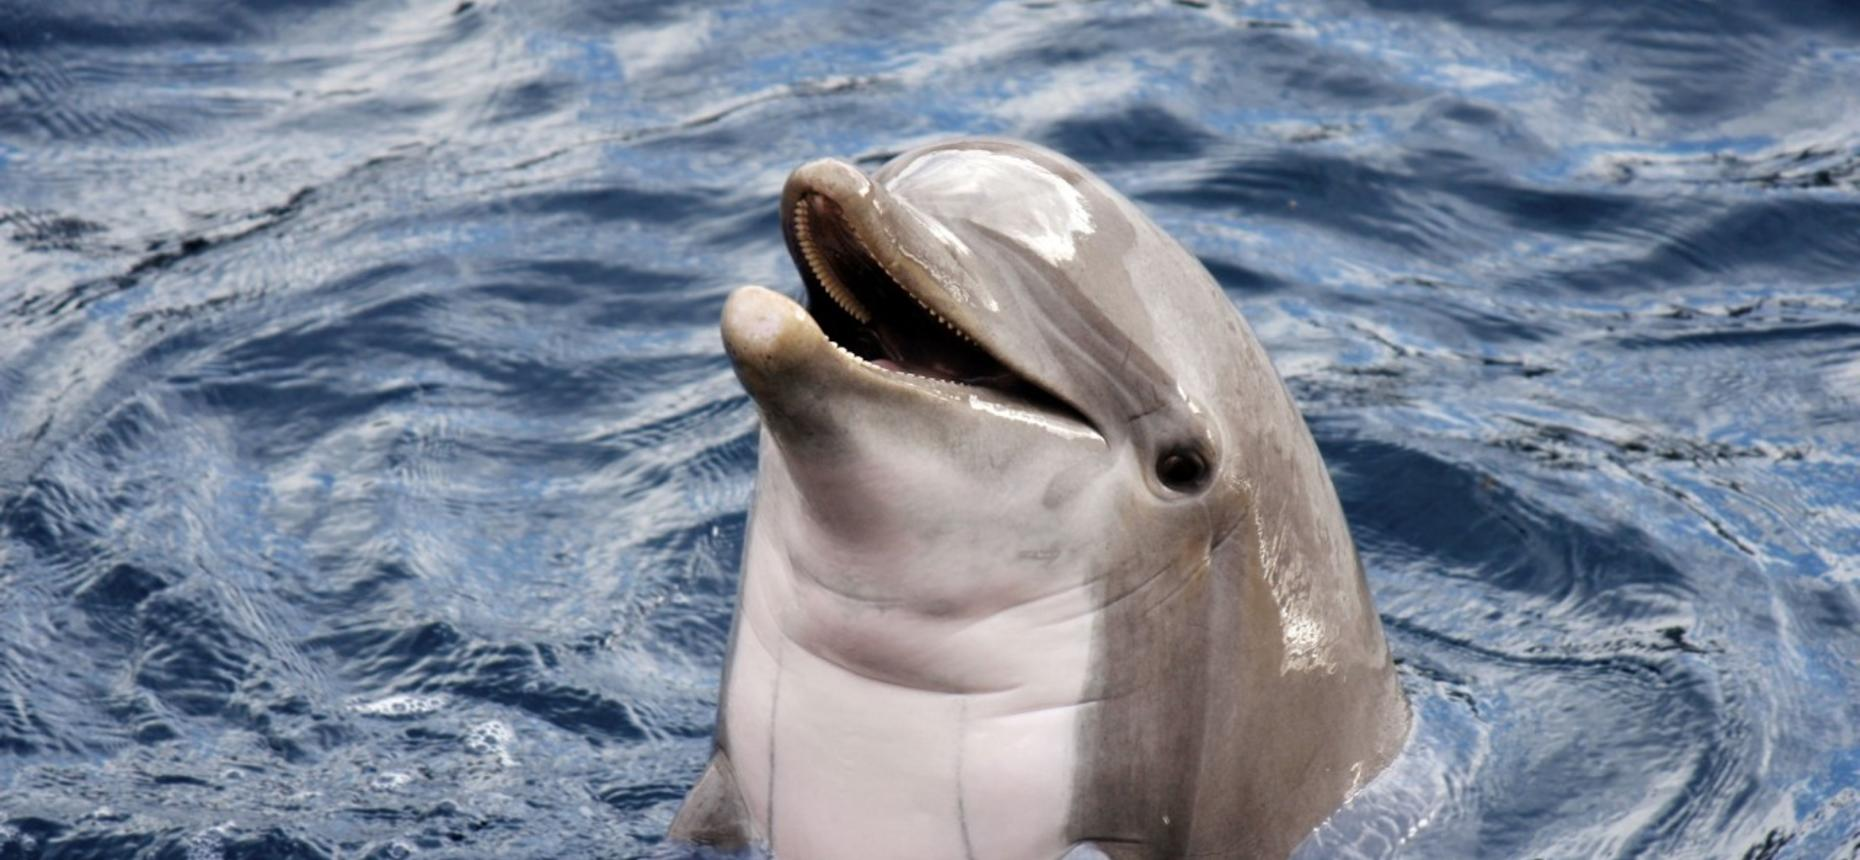 Верхний слой кожи дельфина